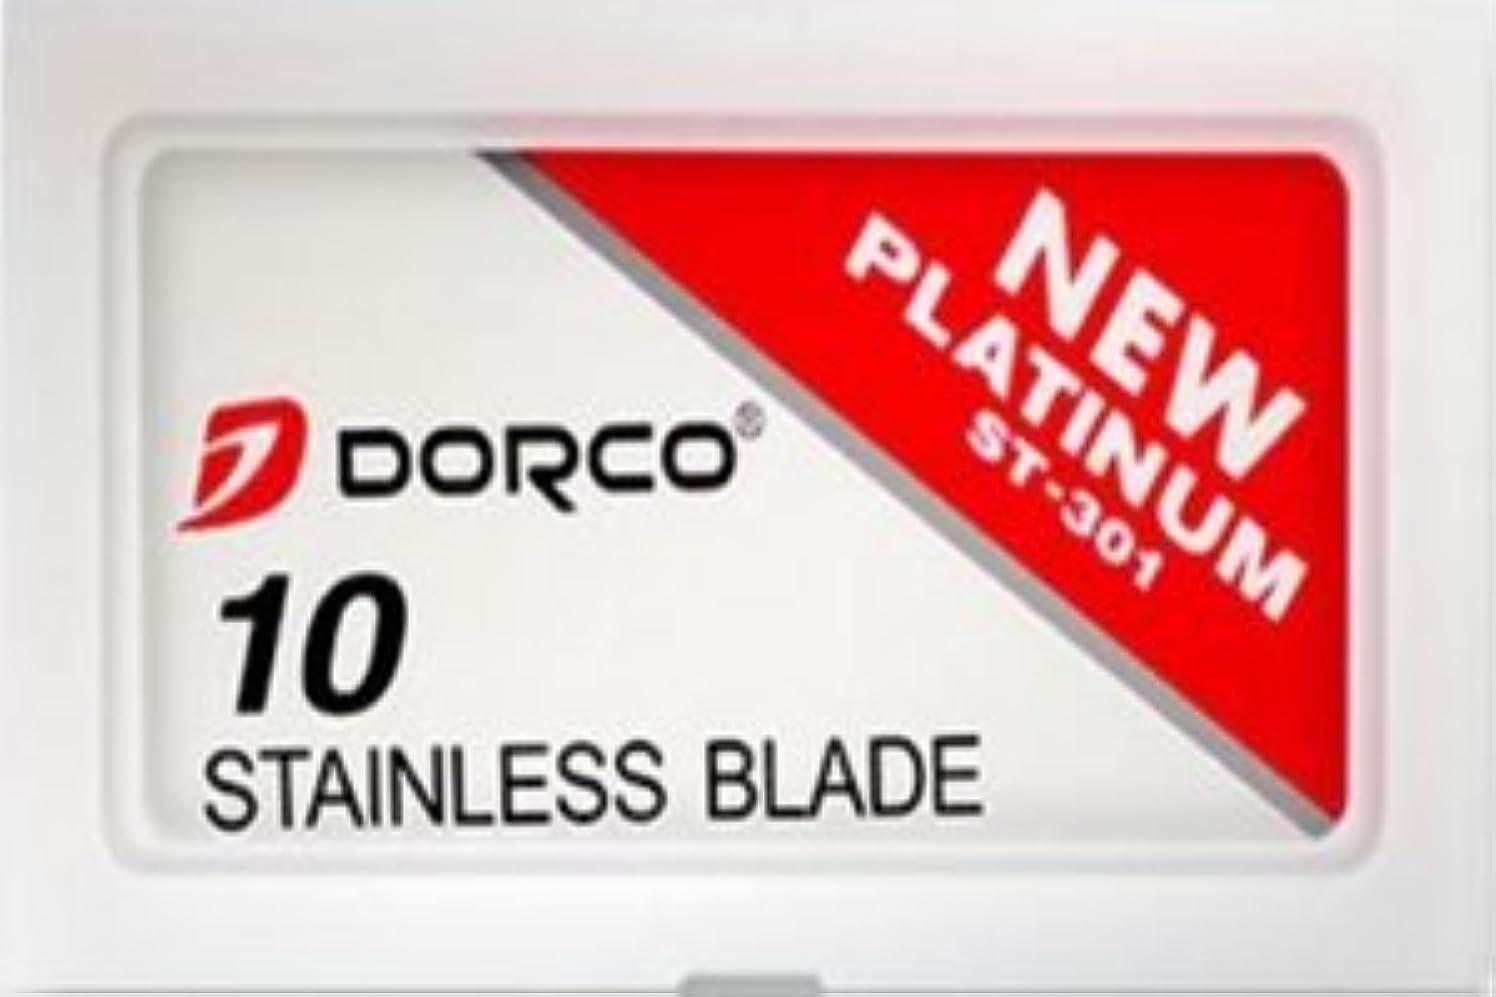 純粋に特徴づける講堂Dorco ST-301 Stainless 両刃替刃 10枚入り(10枚入り1 個セット)【並行輸入品】